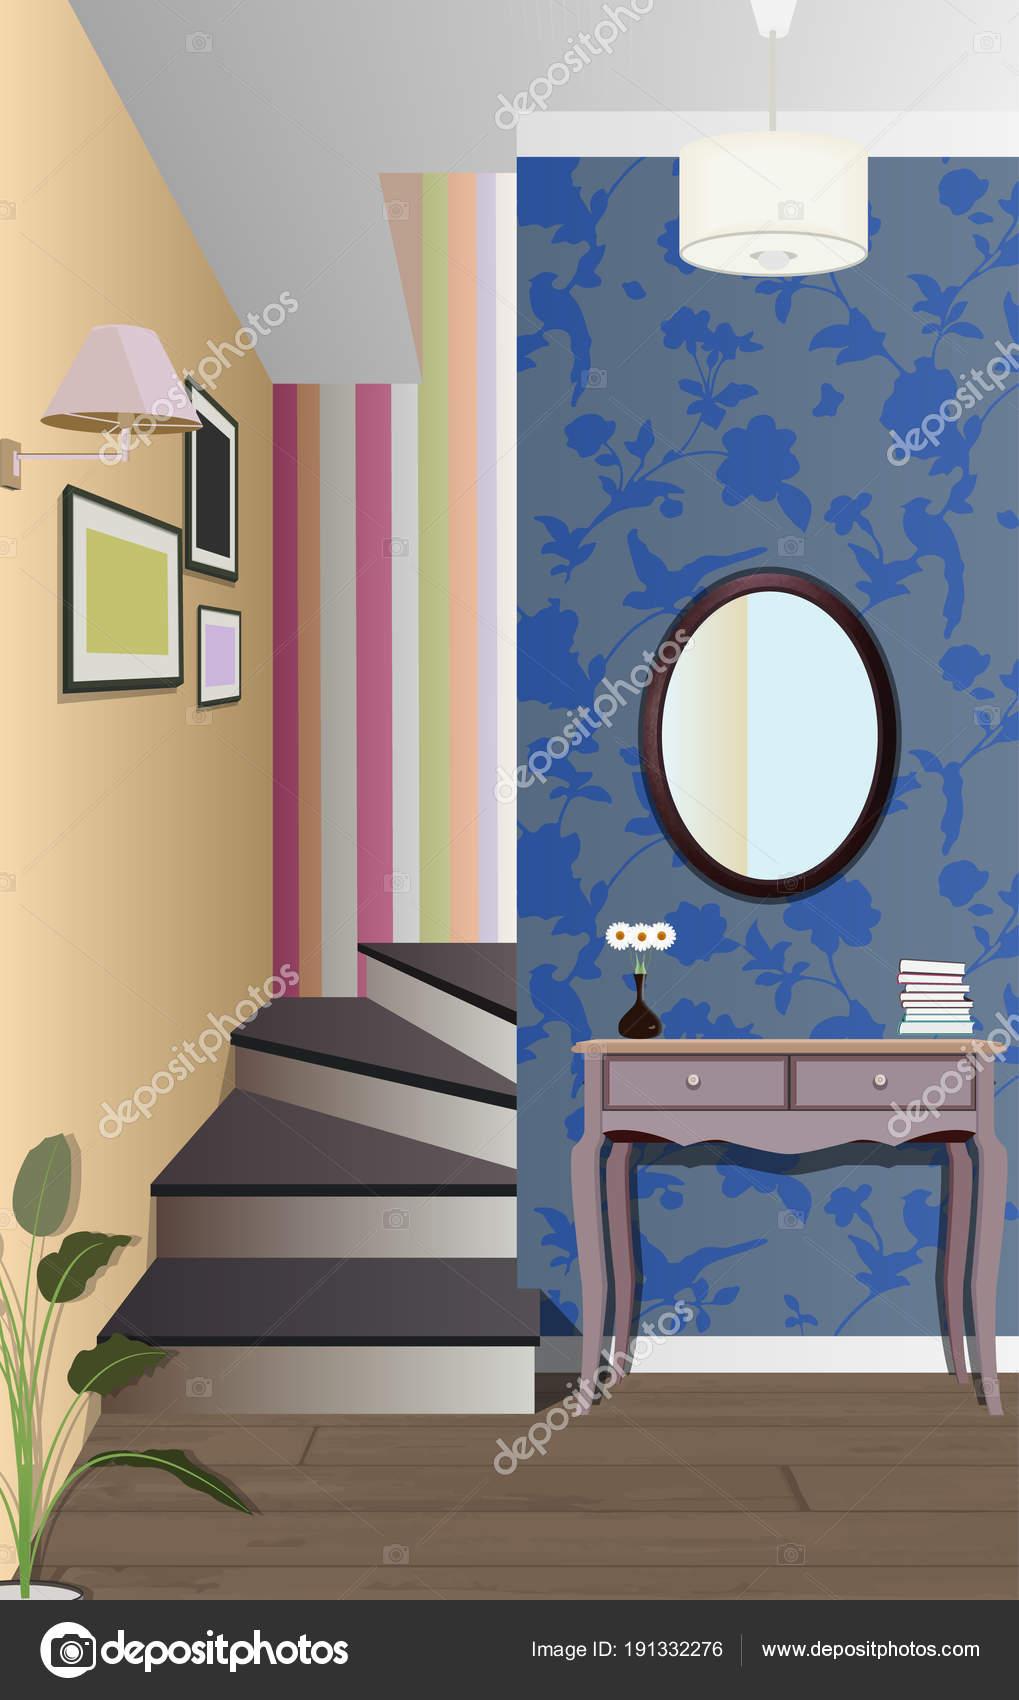 Beeindruckend Möbel Für Den Flur Foto Von Vintage Interieur Der Mit Einer Treppe. Gestaltung